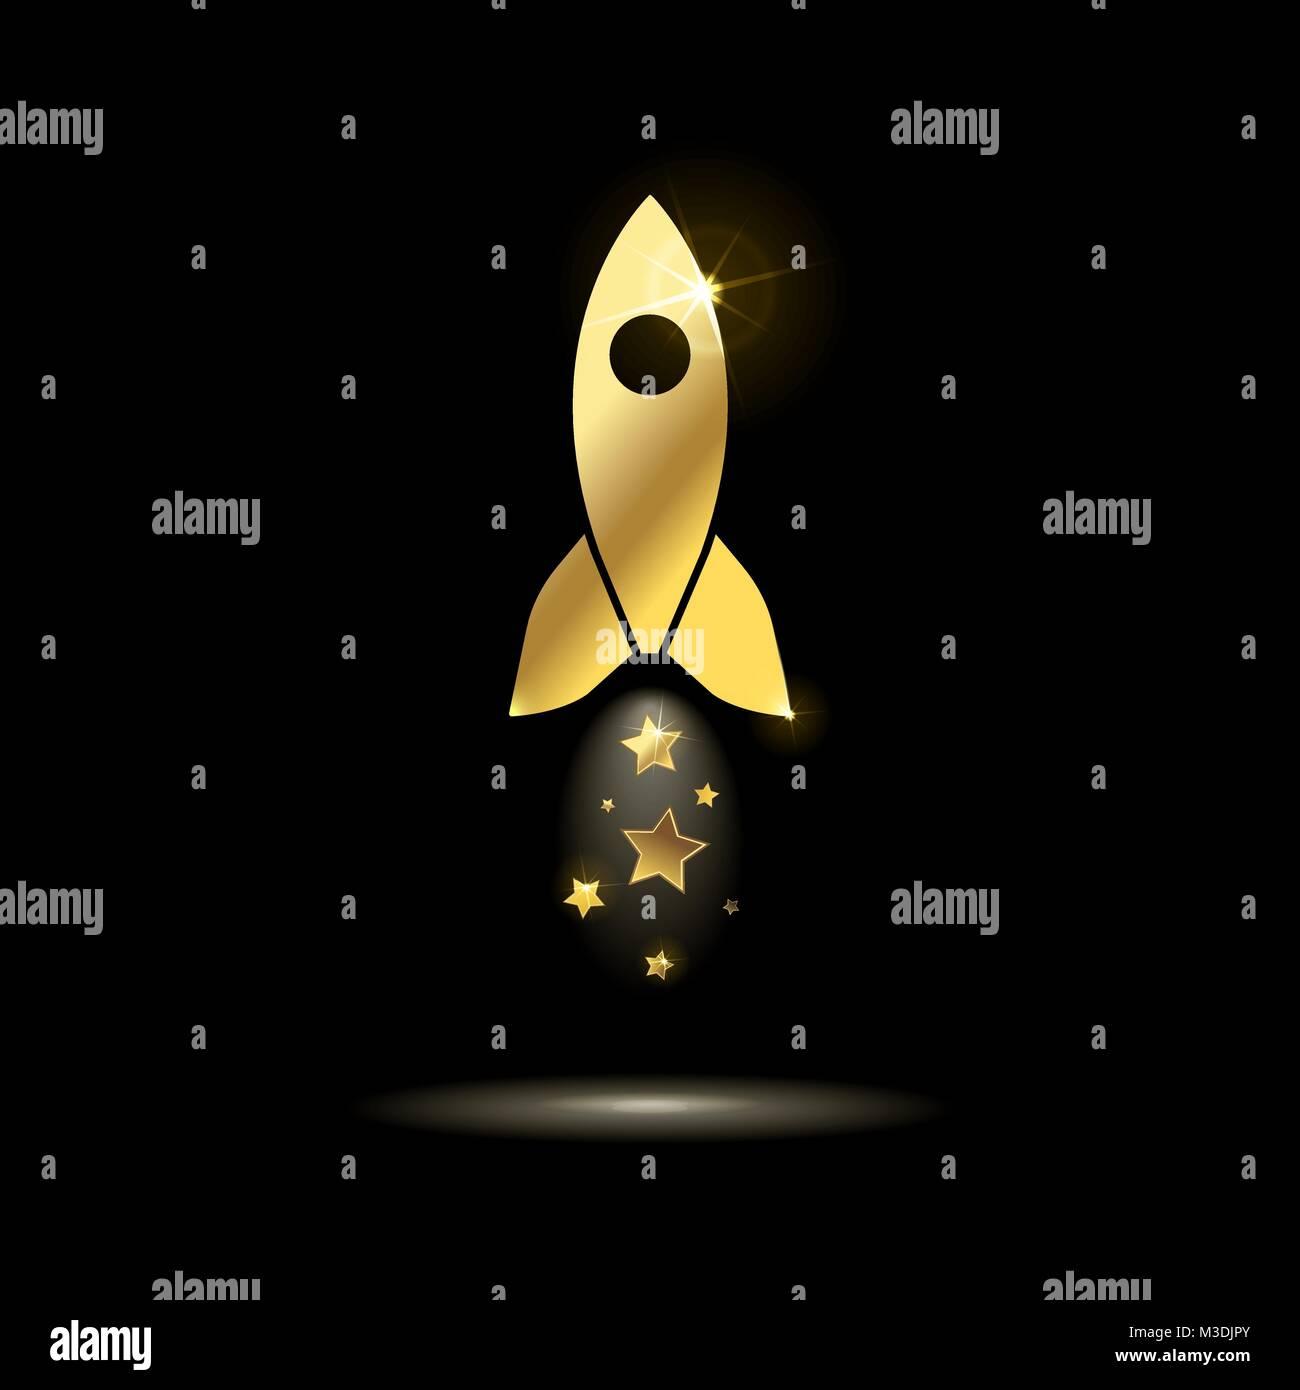 Icona spazio d'oro a razzo con stelle su uno sfondo nero Immagini Stock